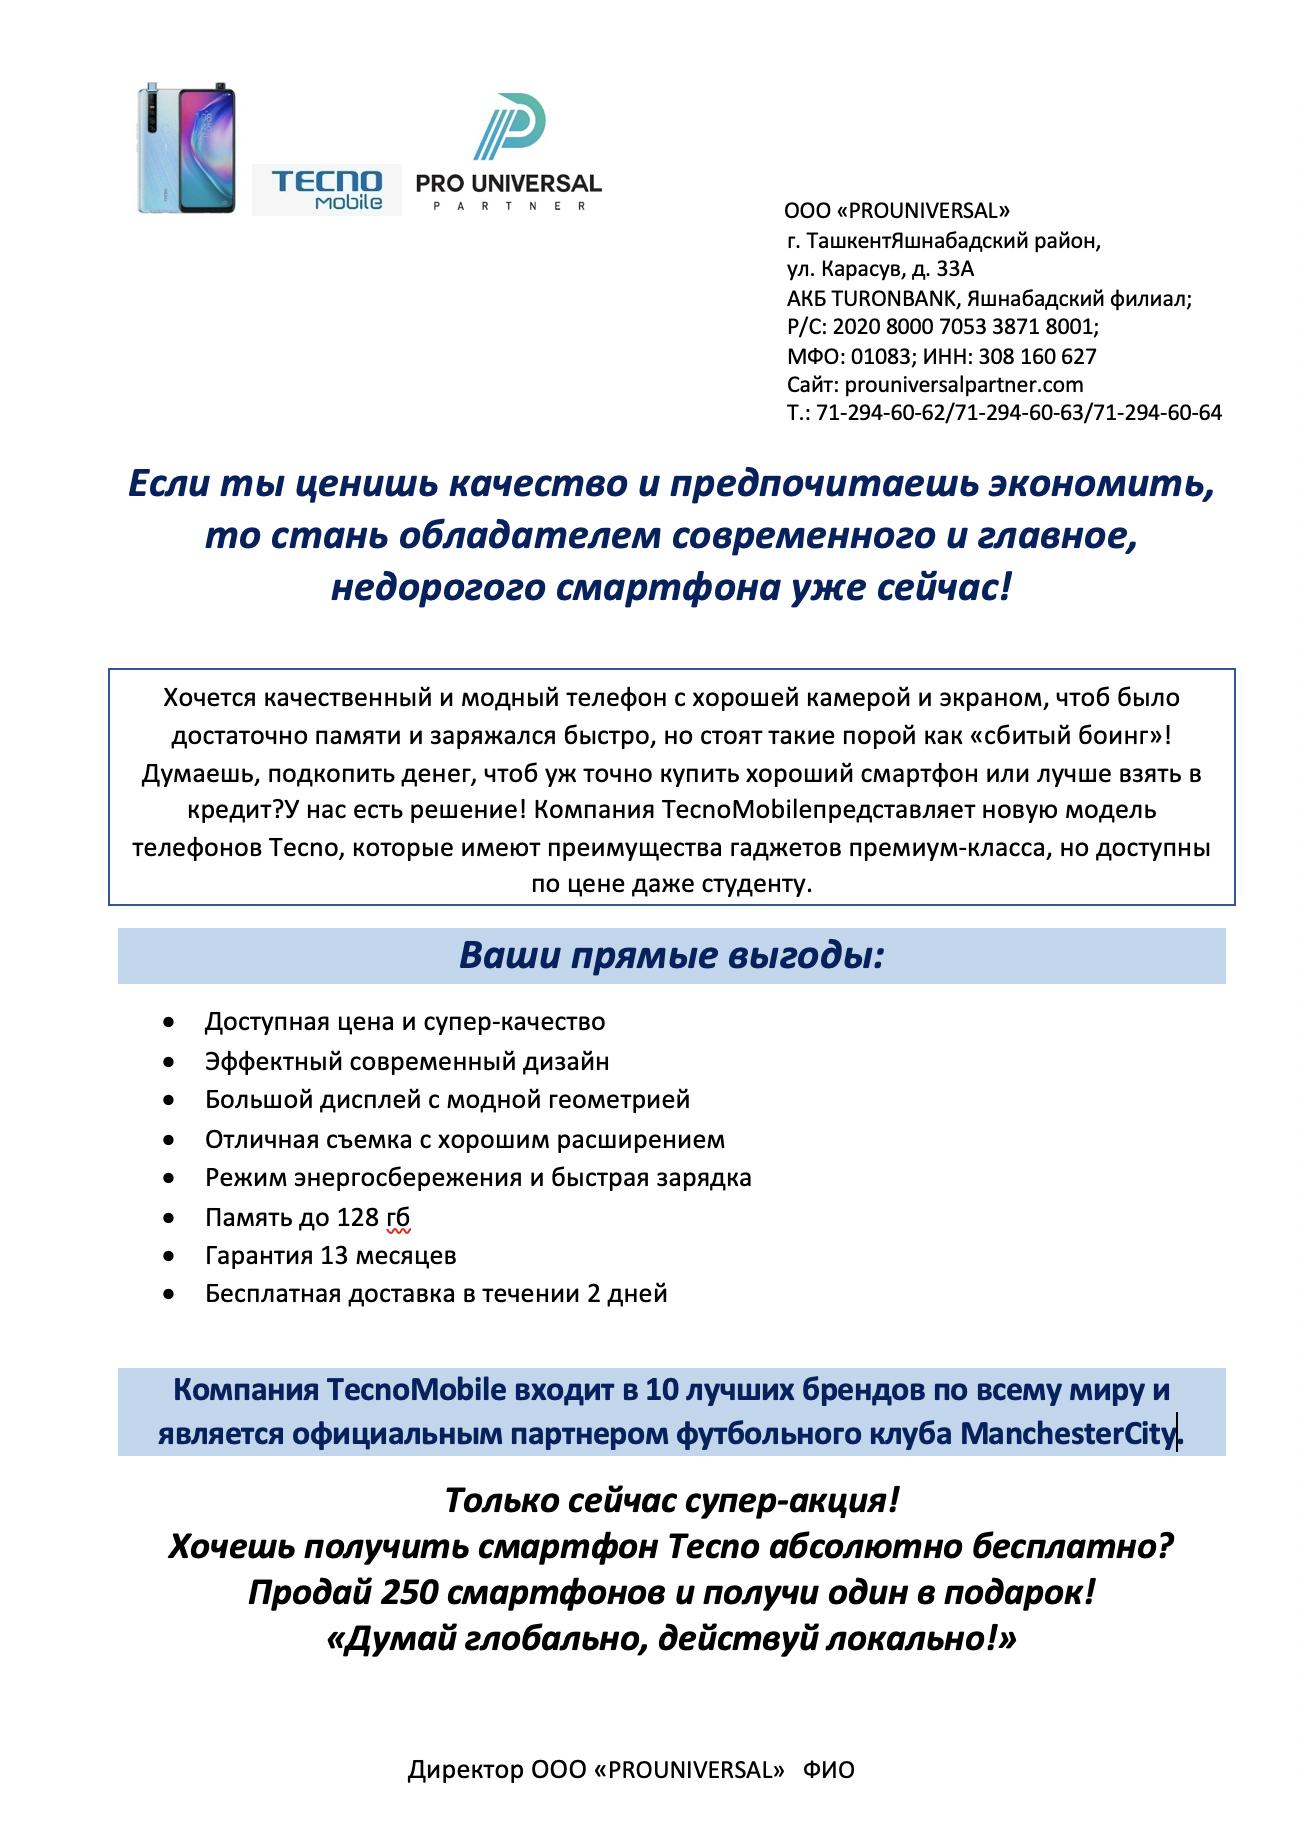 Пример коммерческого предложения на заказ 103 для PRO UNIVERSAL